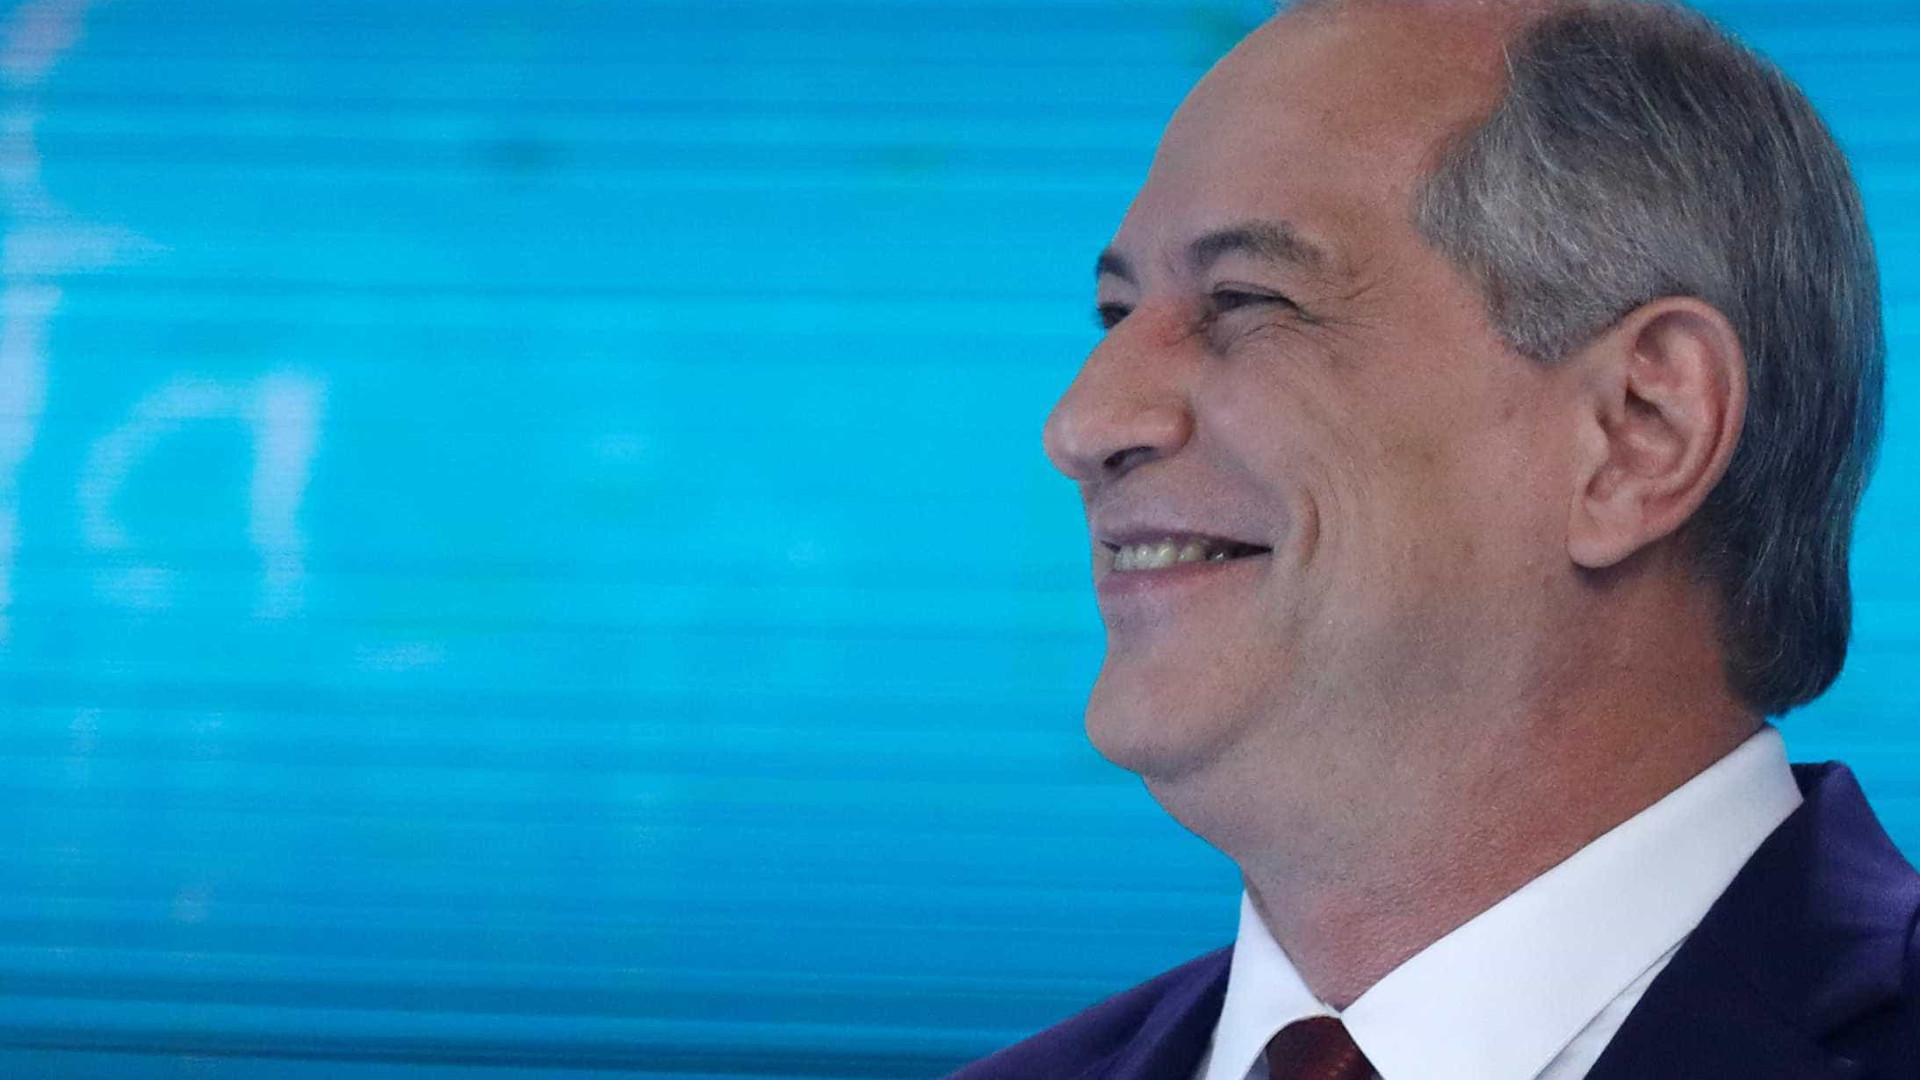 Migração de 'voto Ciro' no Ceará tem outdoor pró Bolsonaro e apoio a PT